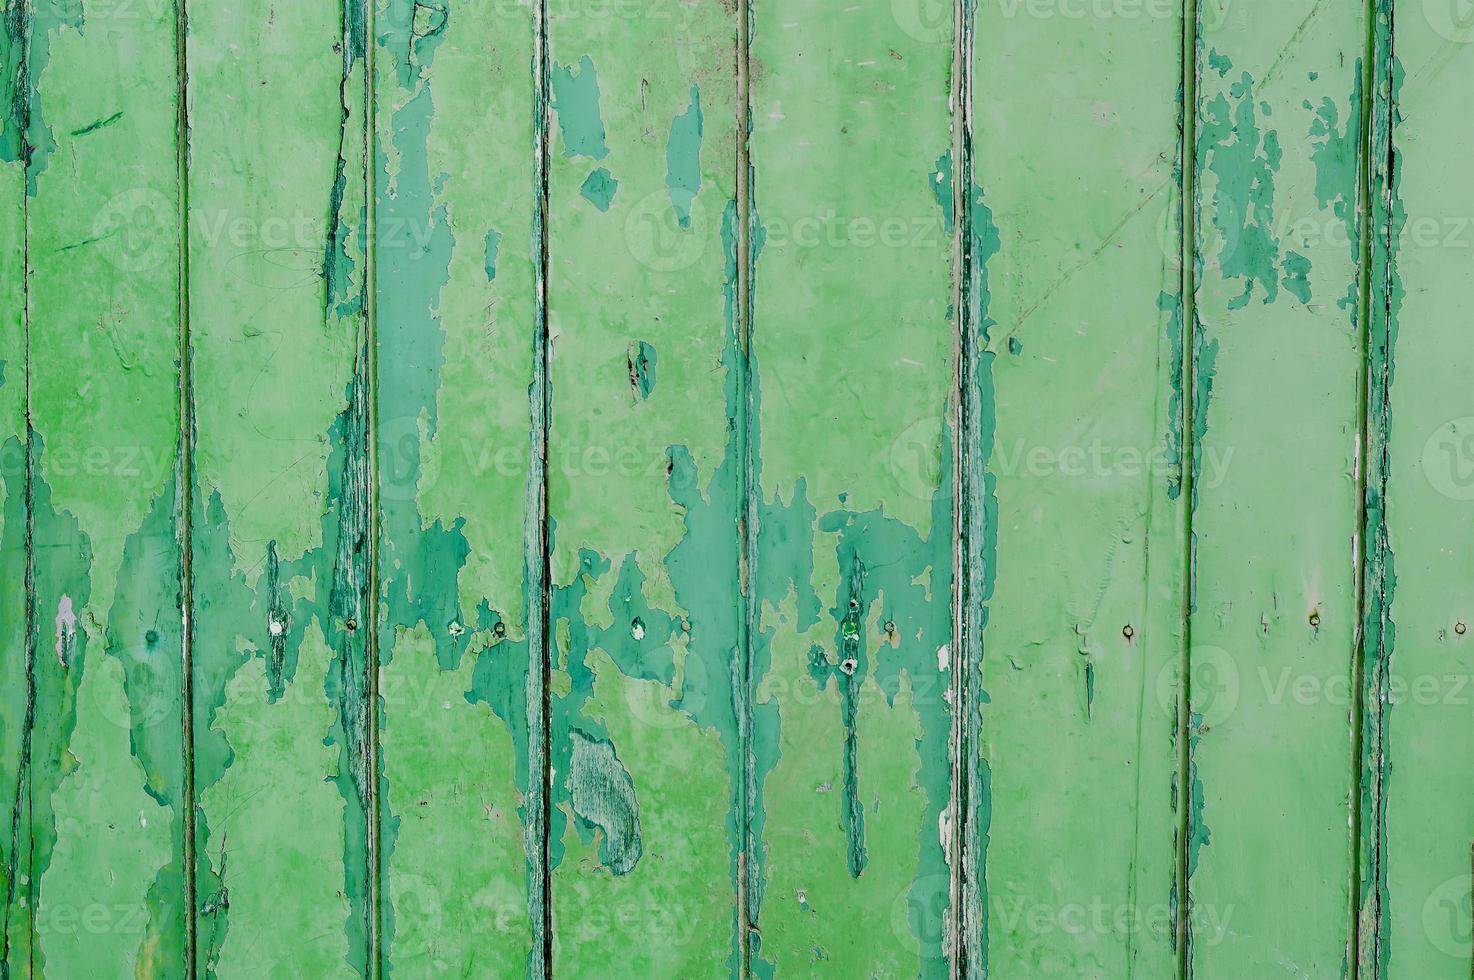 pintura descascada parede de madeira verde foto